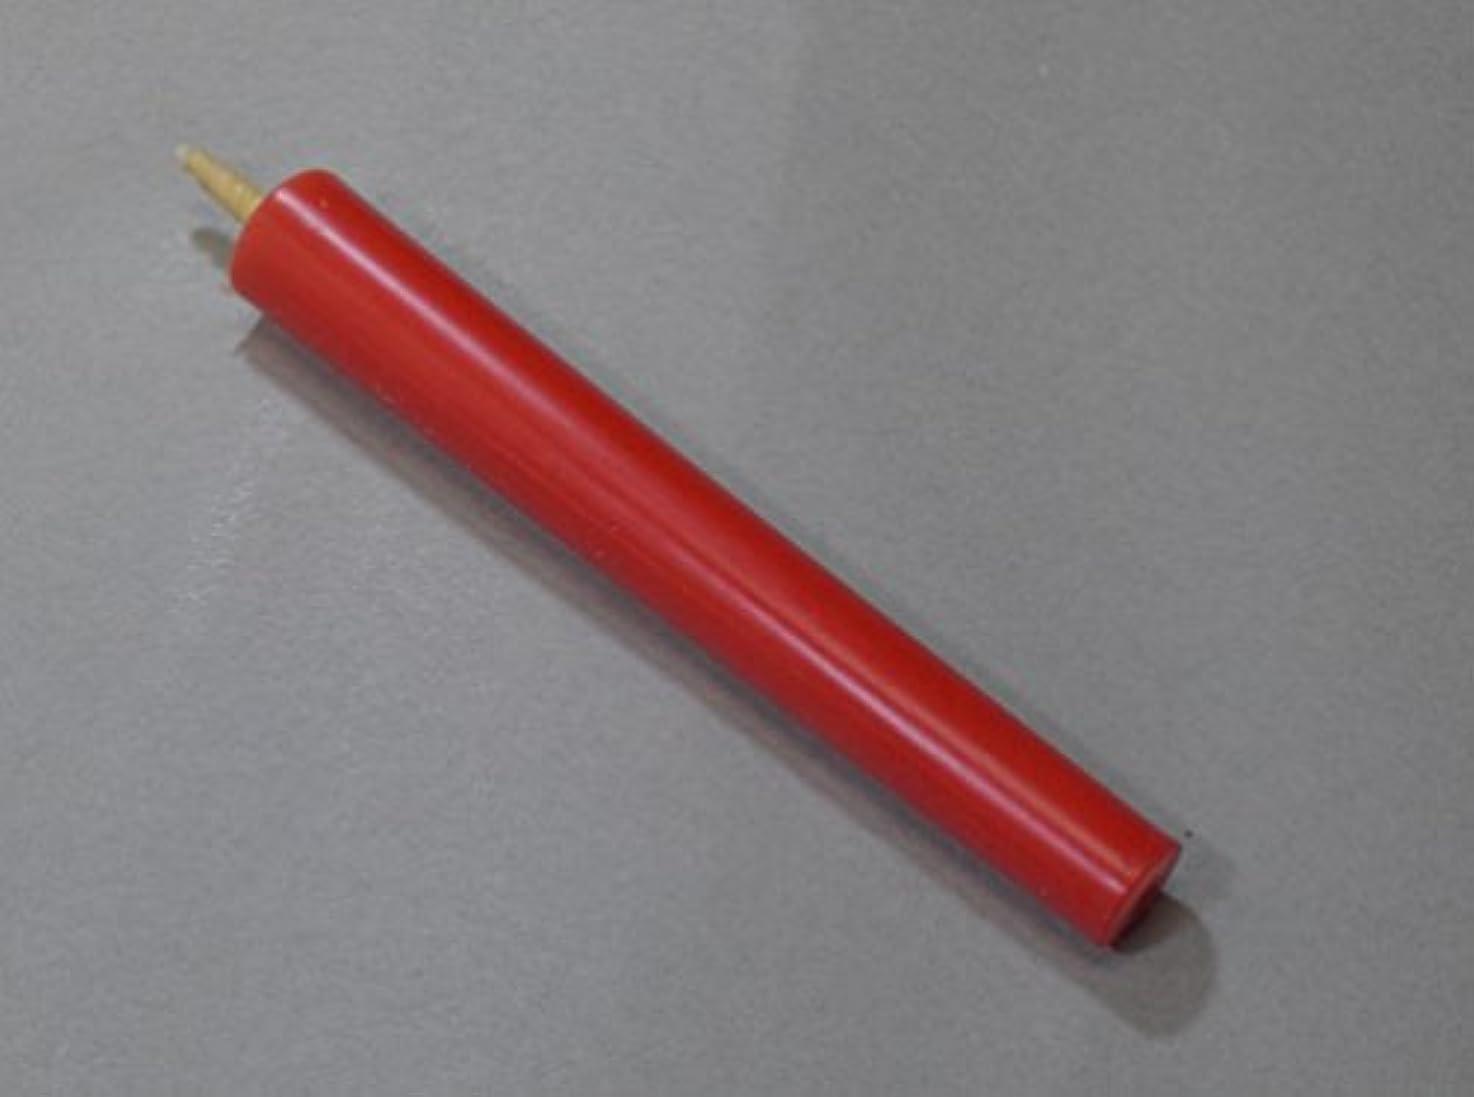 そこ効能残忍な和ろうそく 型和蝋燭 ローソク【朱】 棒 10号 朱色 10本入り 約16.5センチ 約2時間40分燃焼